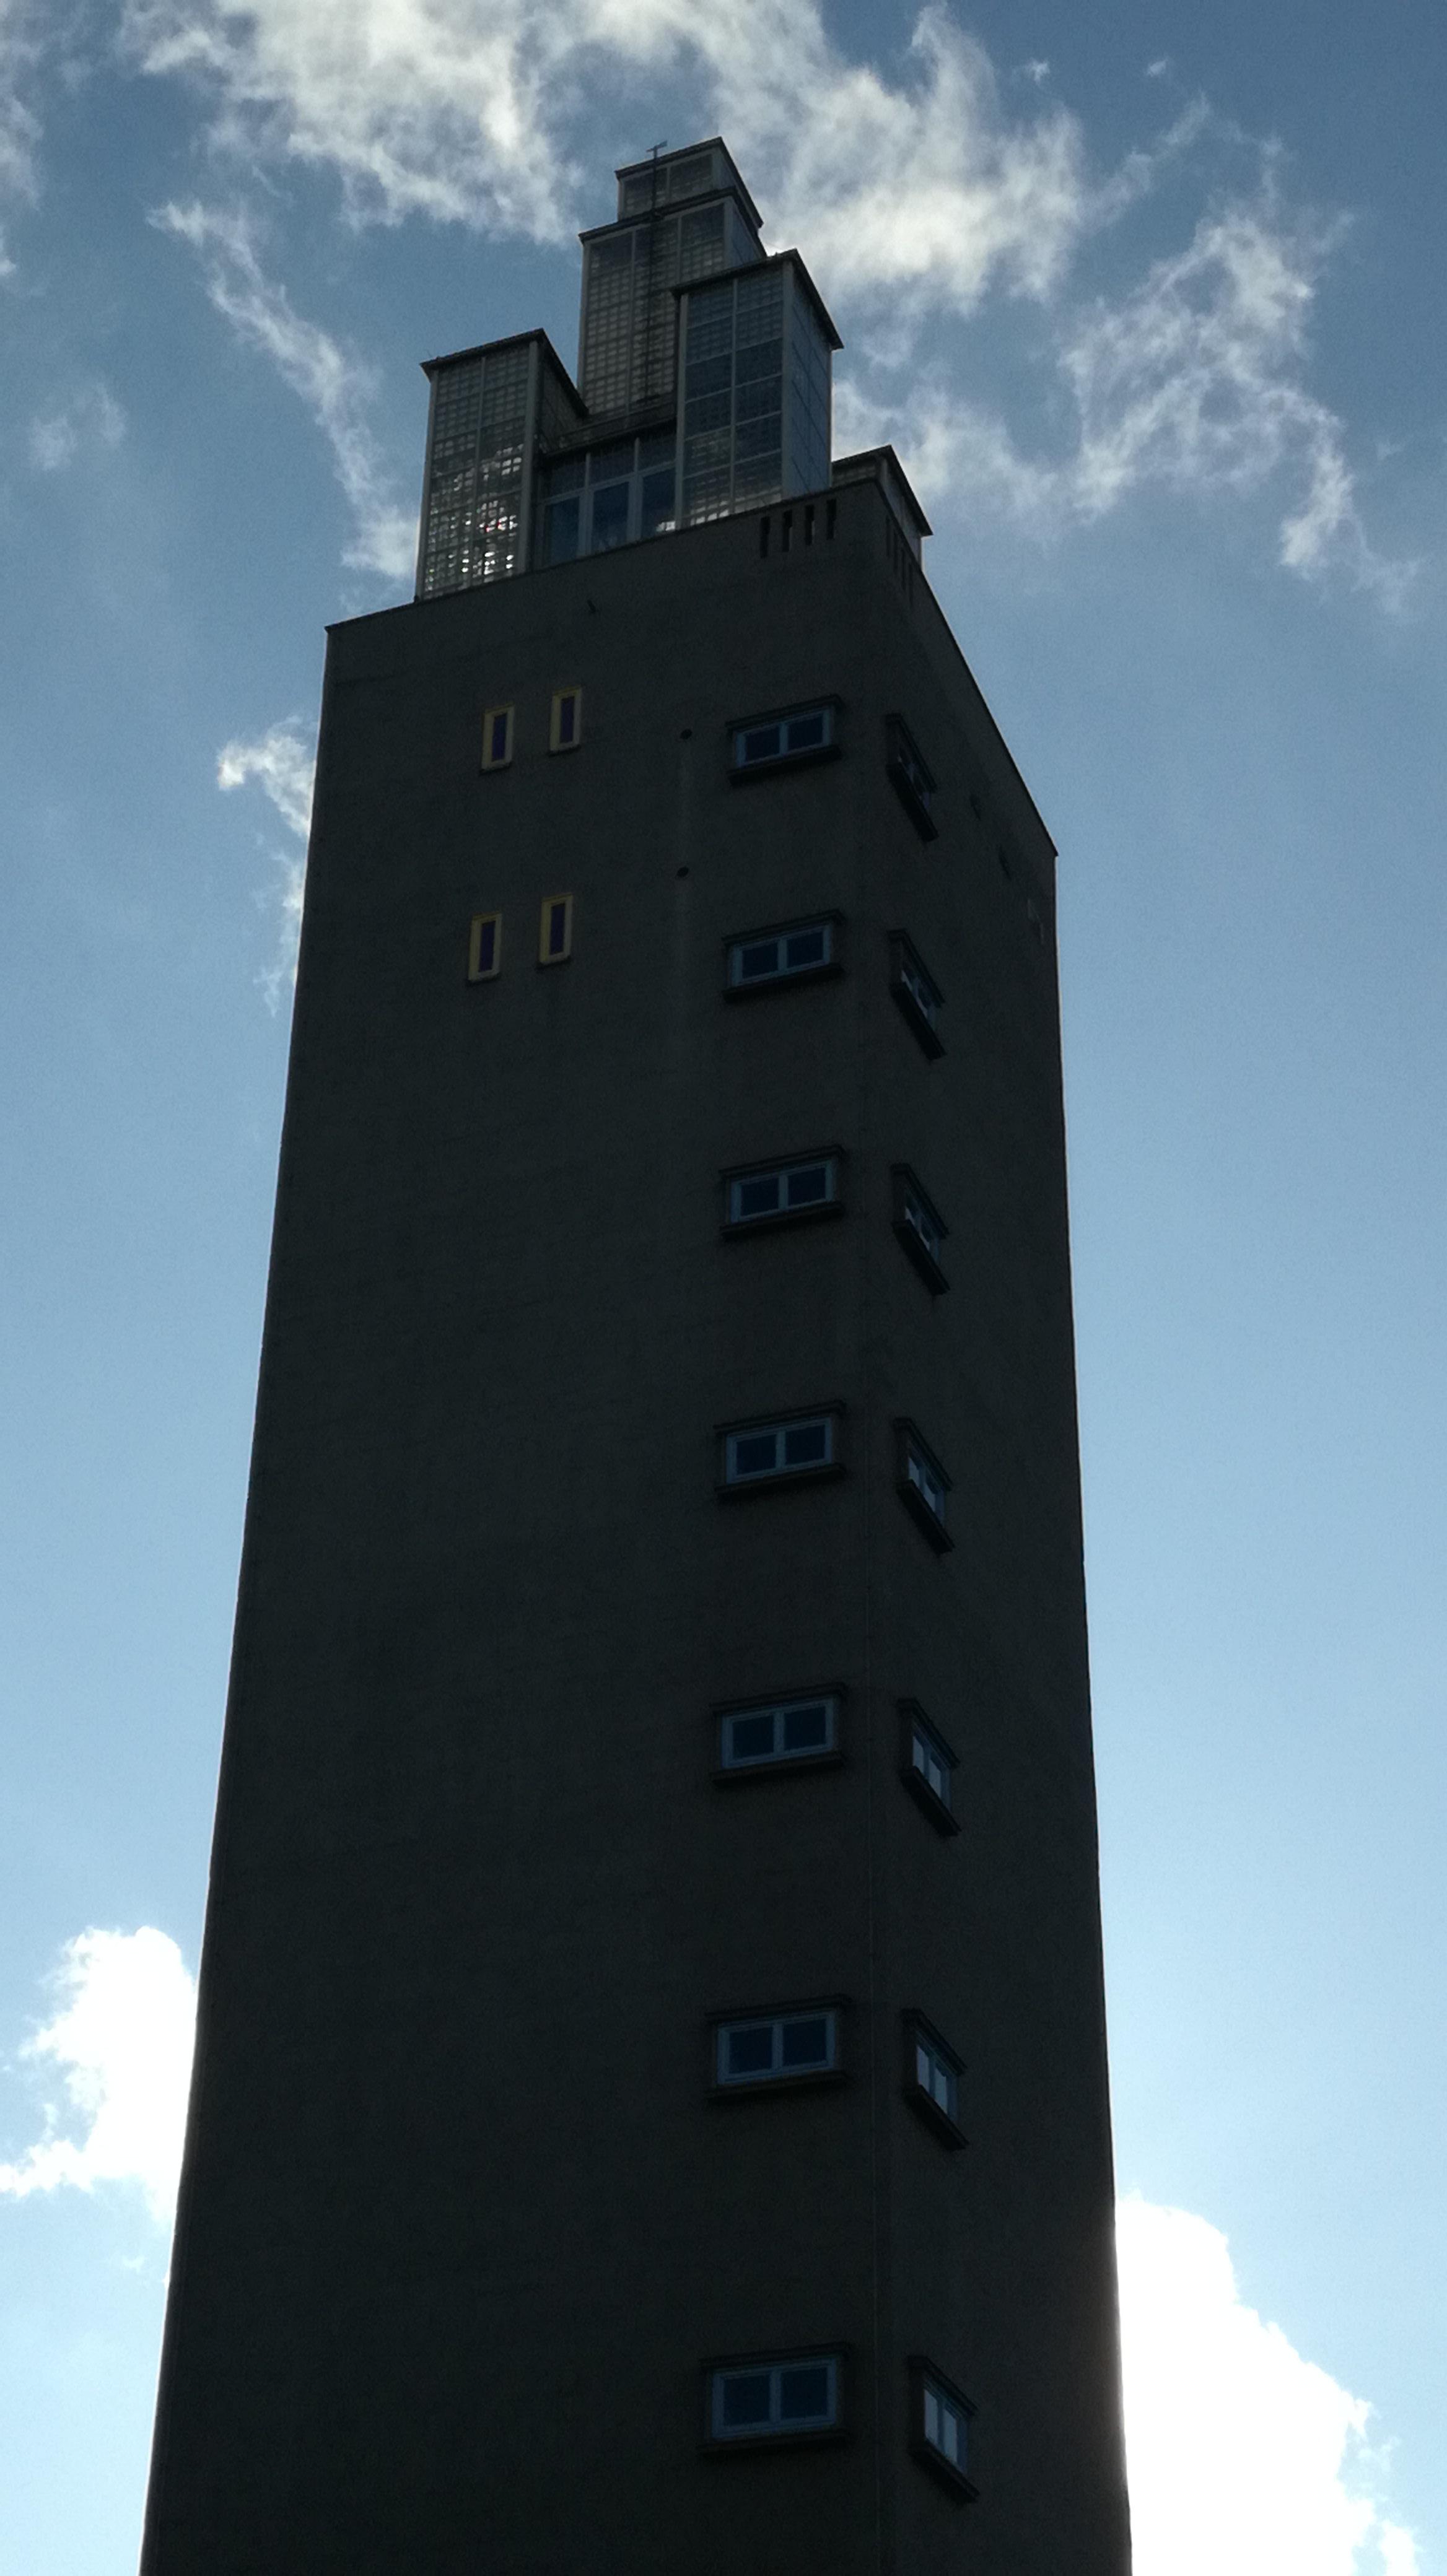 Turm dessen Namen ich vergessen habe  Johannes Ulrich Gehrke